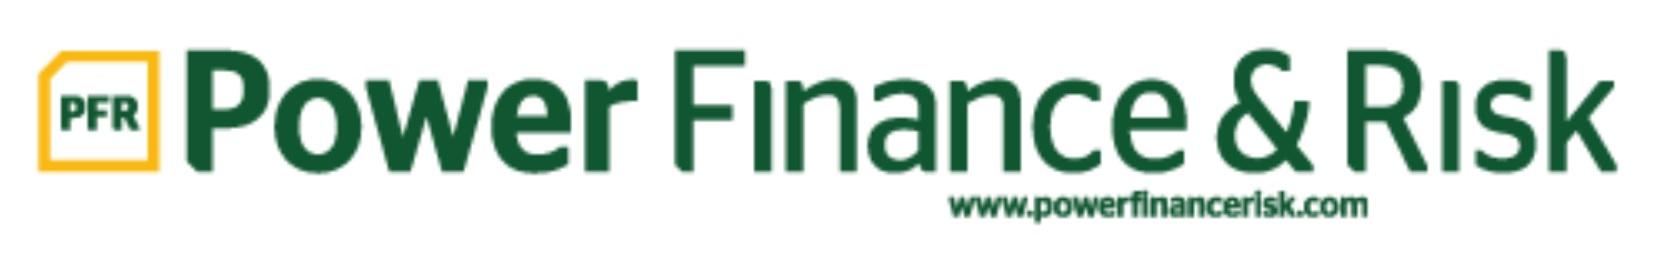 PFR-logo.jpg